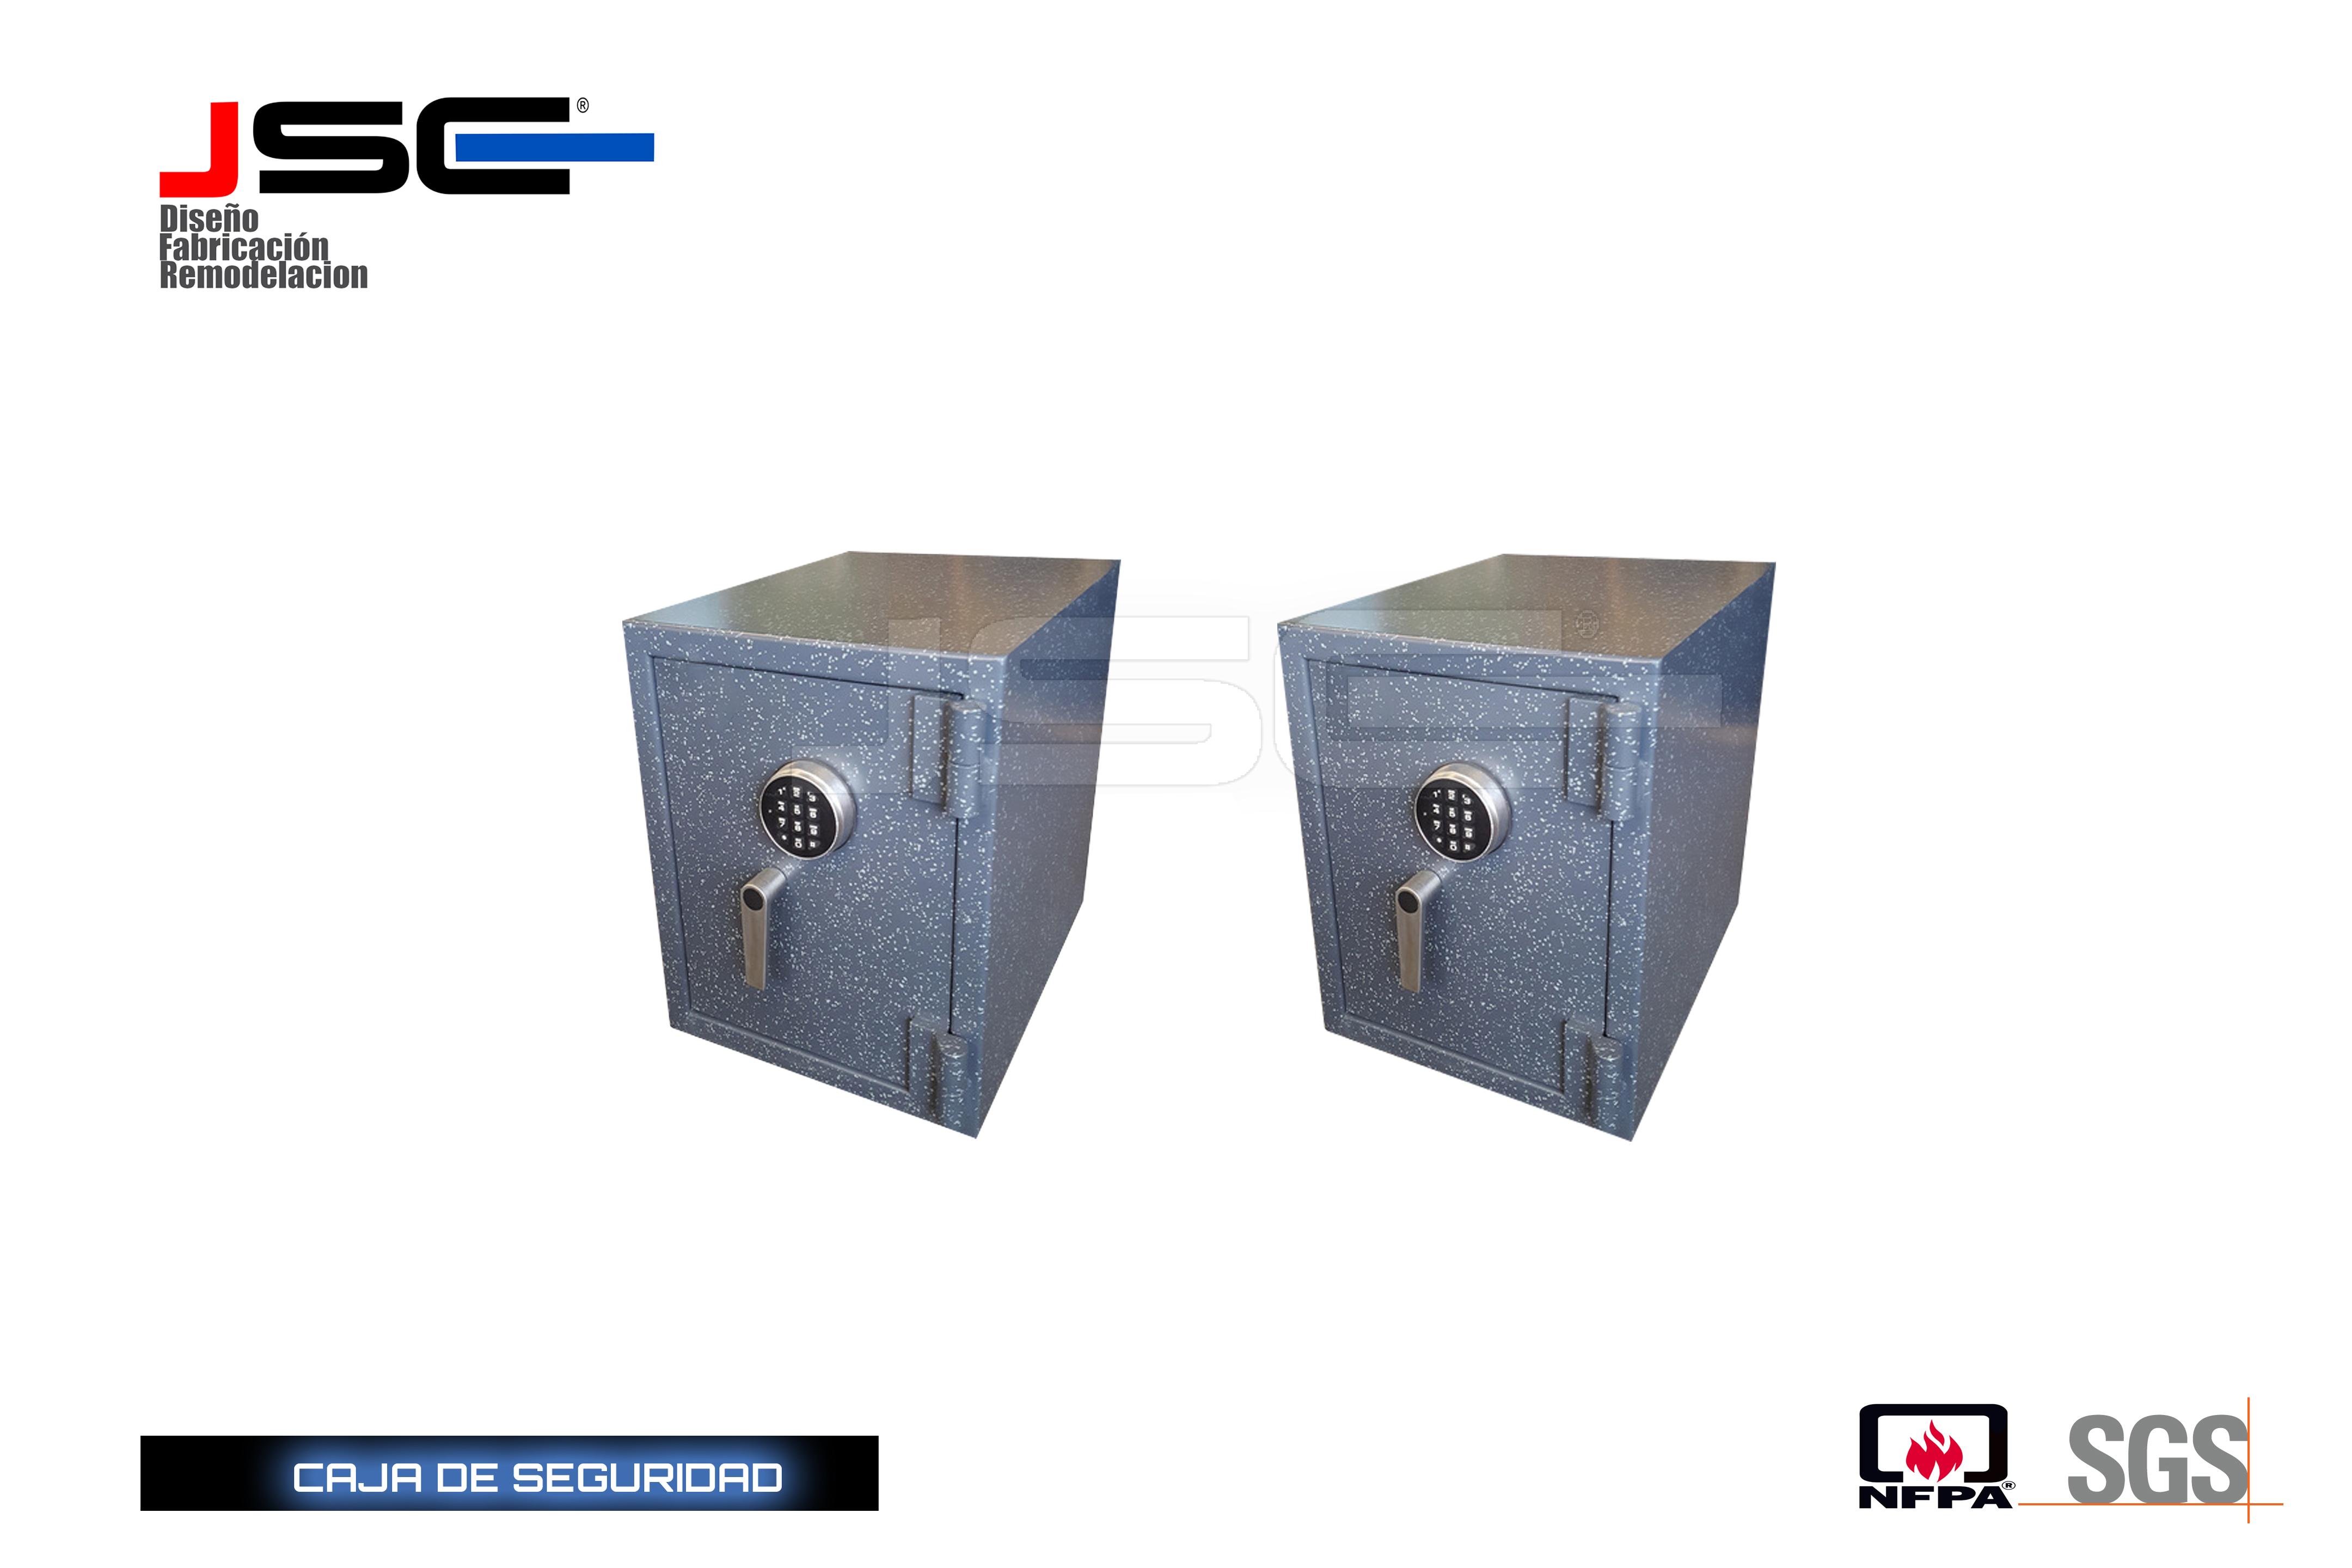 Caja de piso JSCP004